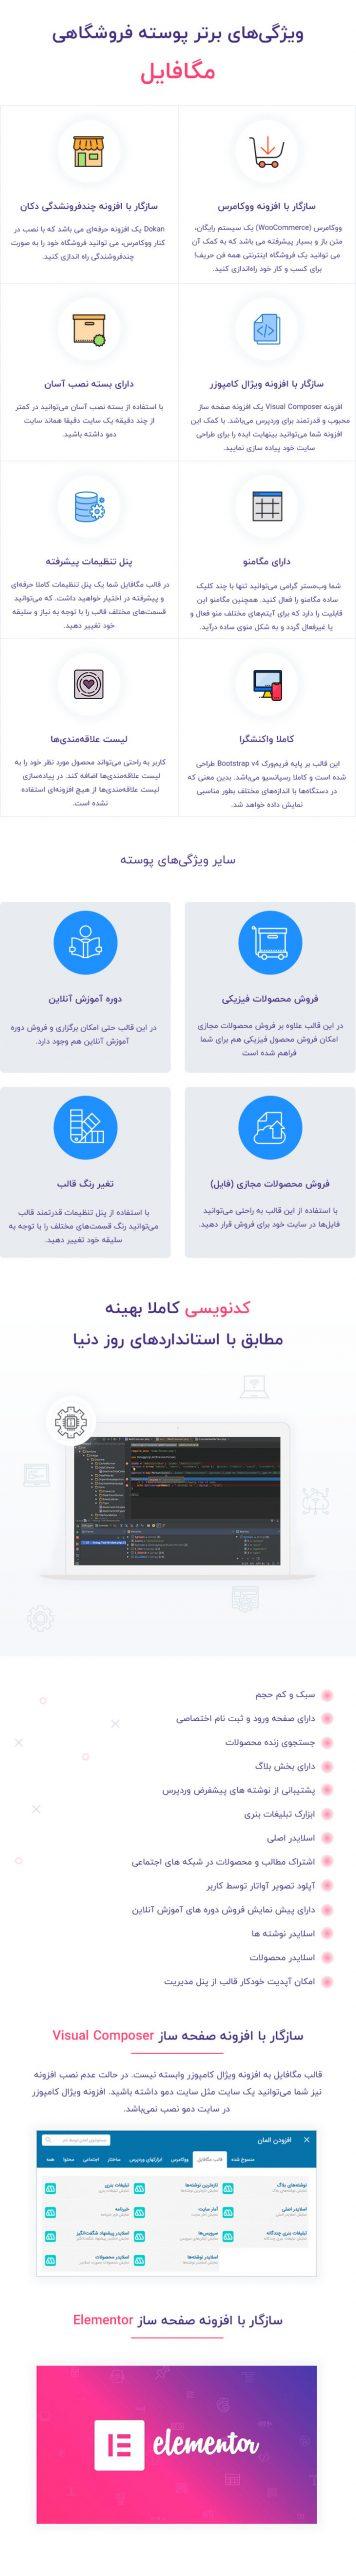 توضیحات قالب فروش فایل مگافایل